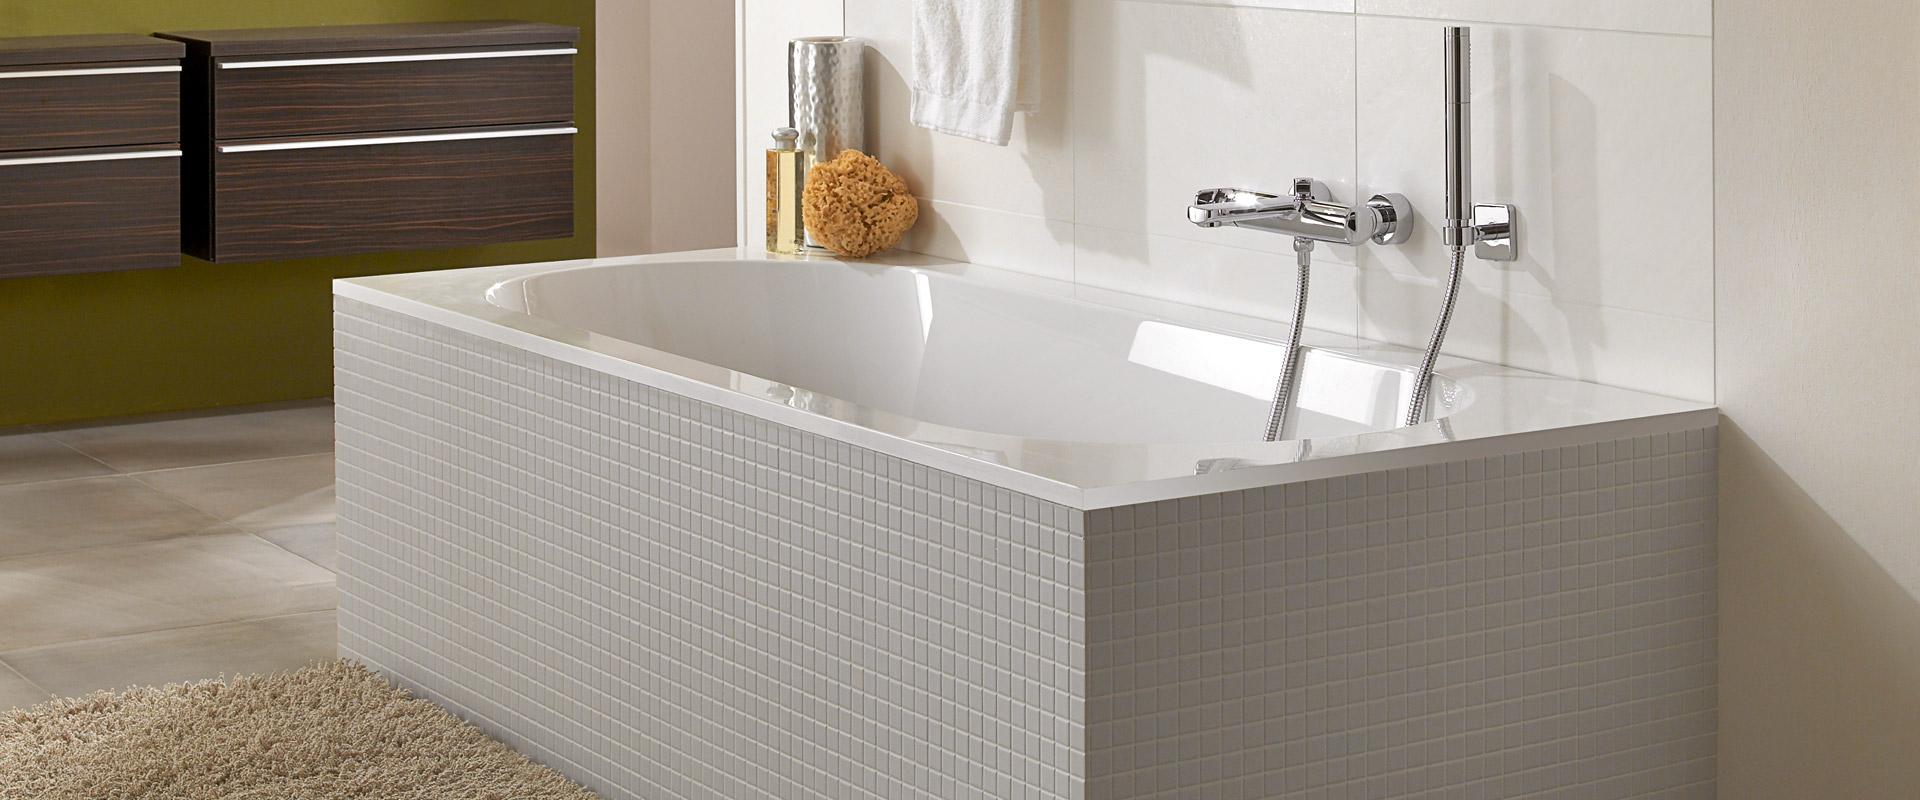 Vasche da bagno villeroy boch come valorizzarle al - Produzione vasche da bagno ...